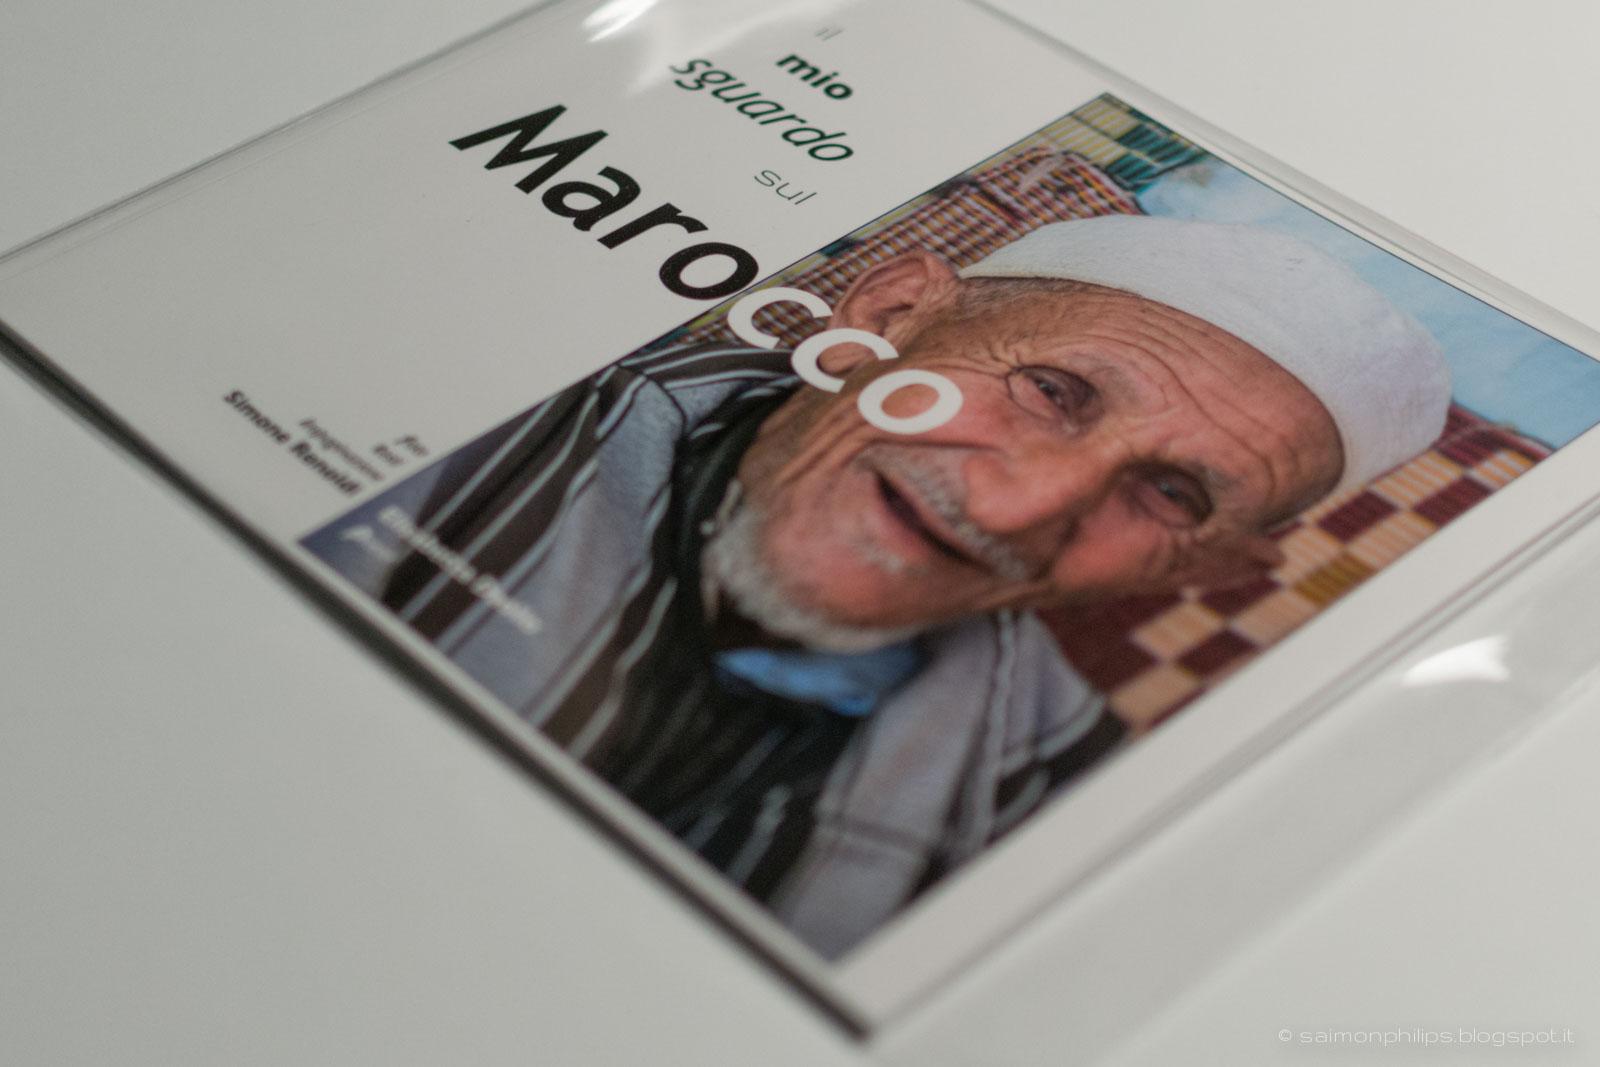 Libro sul Marocco - il mio sguardo sul Marocco